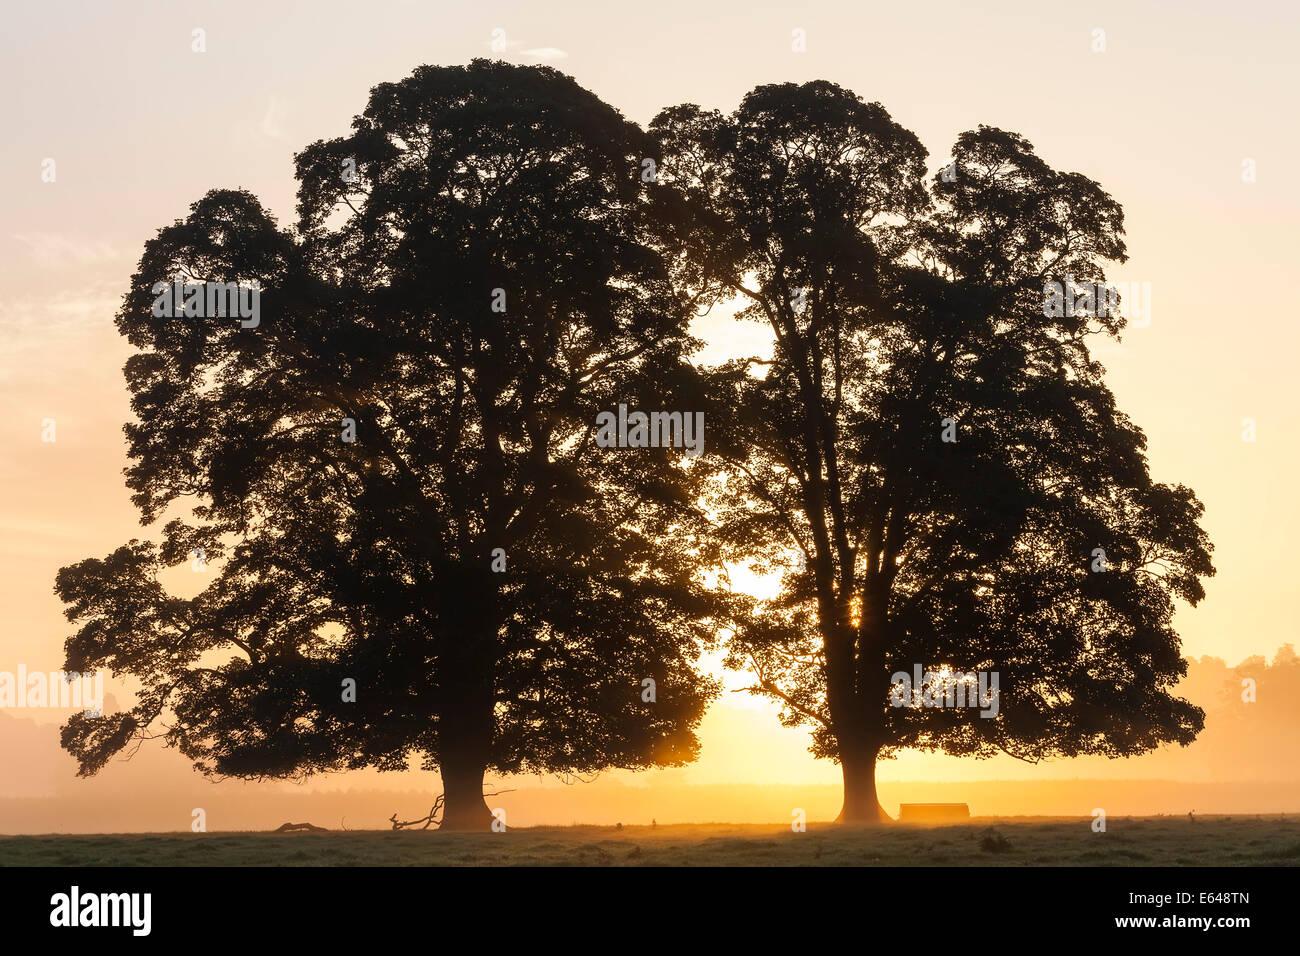 Sunrise, Usk Valley, South Wales, UK - Stock Image